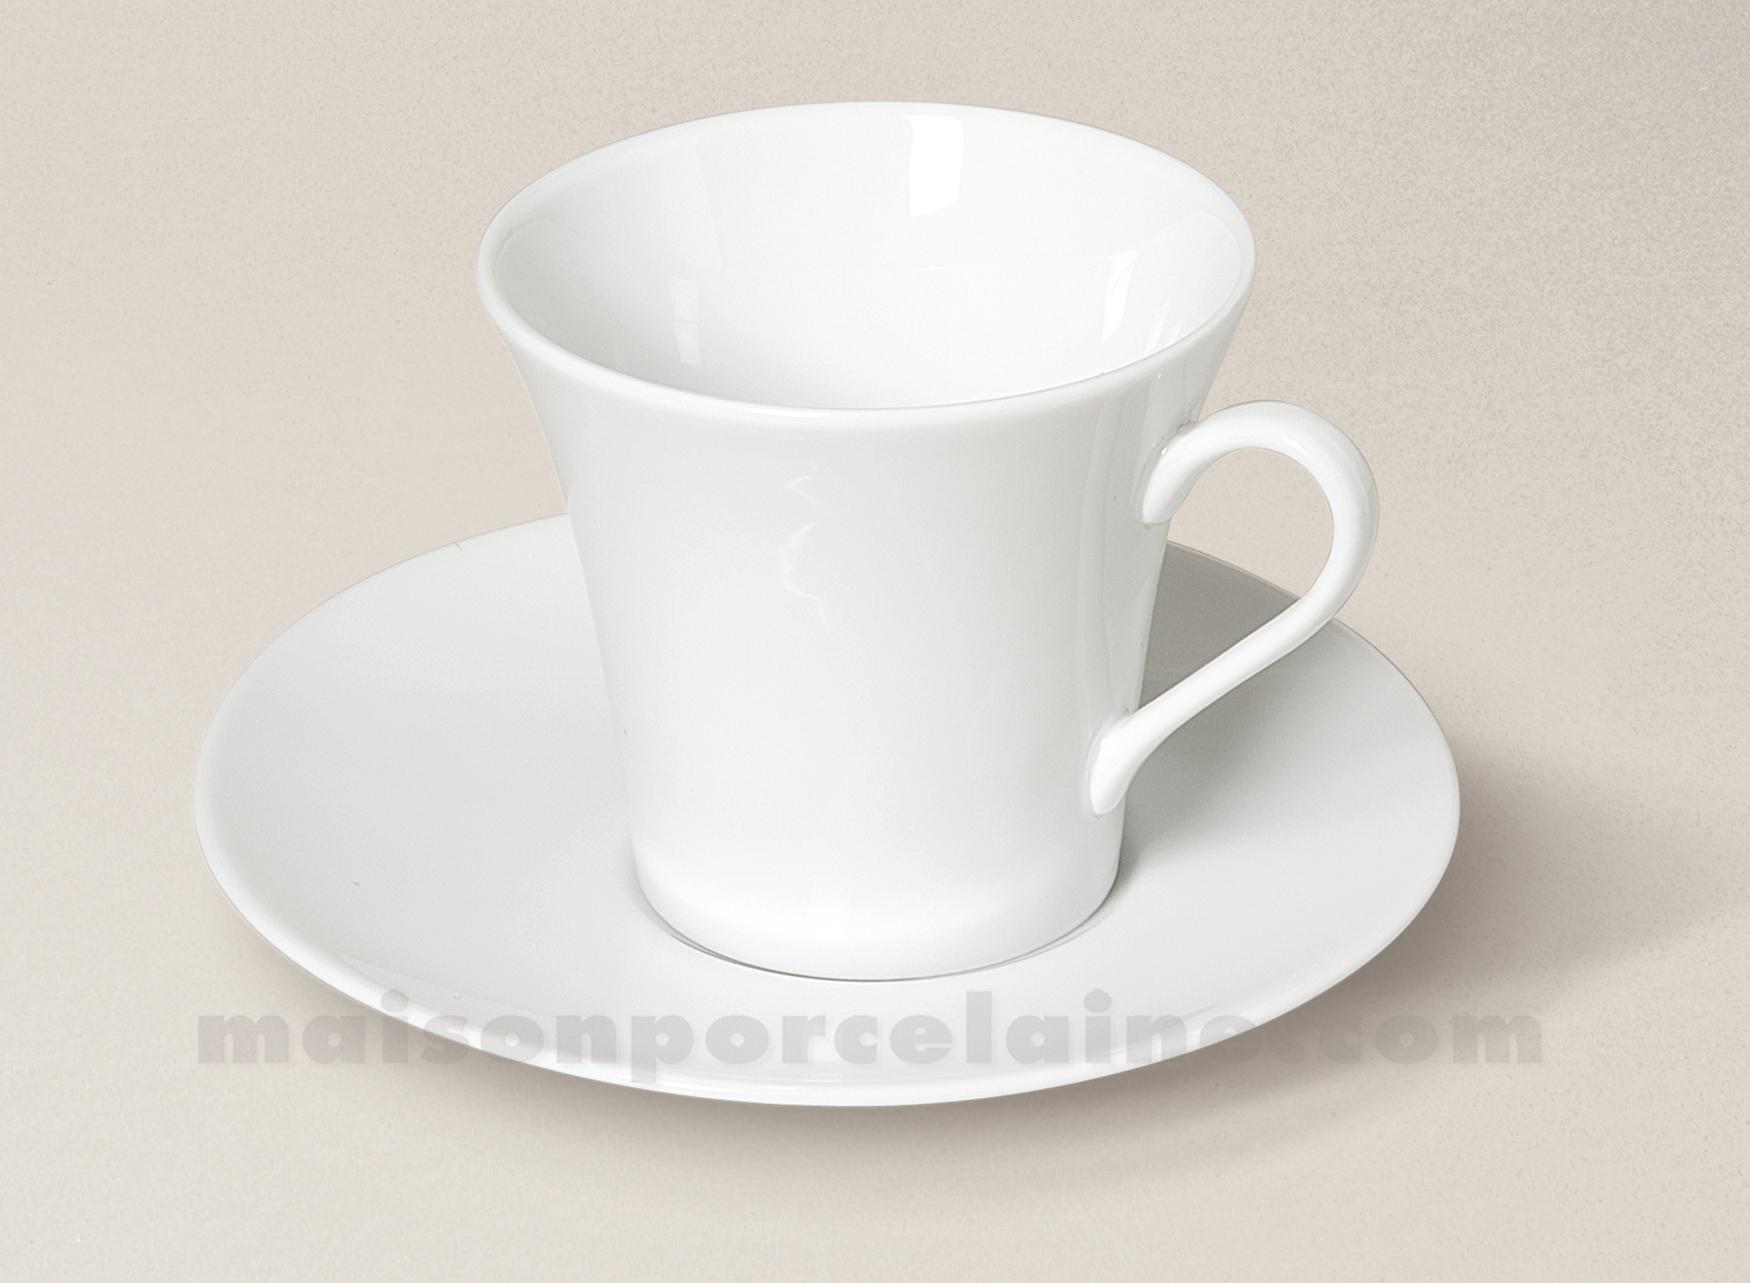 tasse dej soucoupe porcelaine blanche kosmos maison de la porcelaine. Black Bedroom Furniture Sets. Home Design Ideas